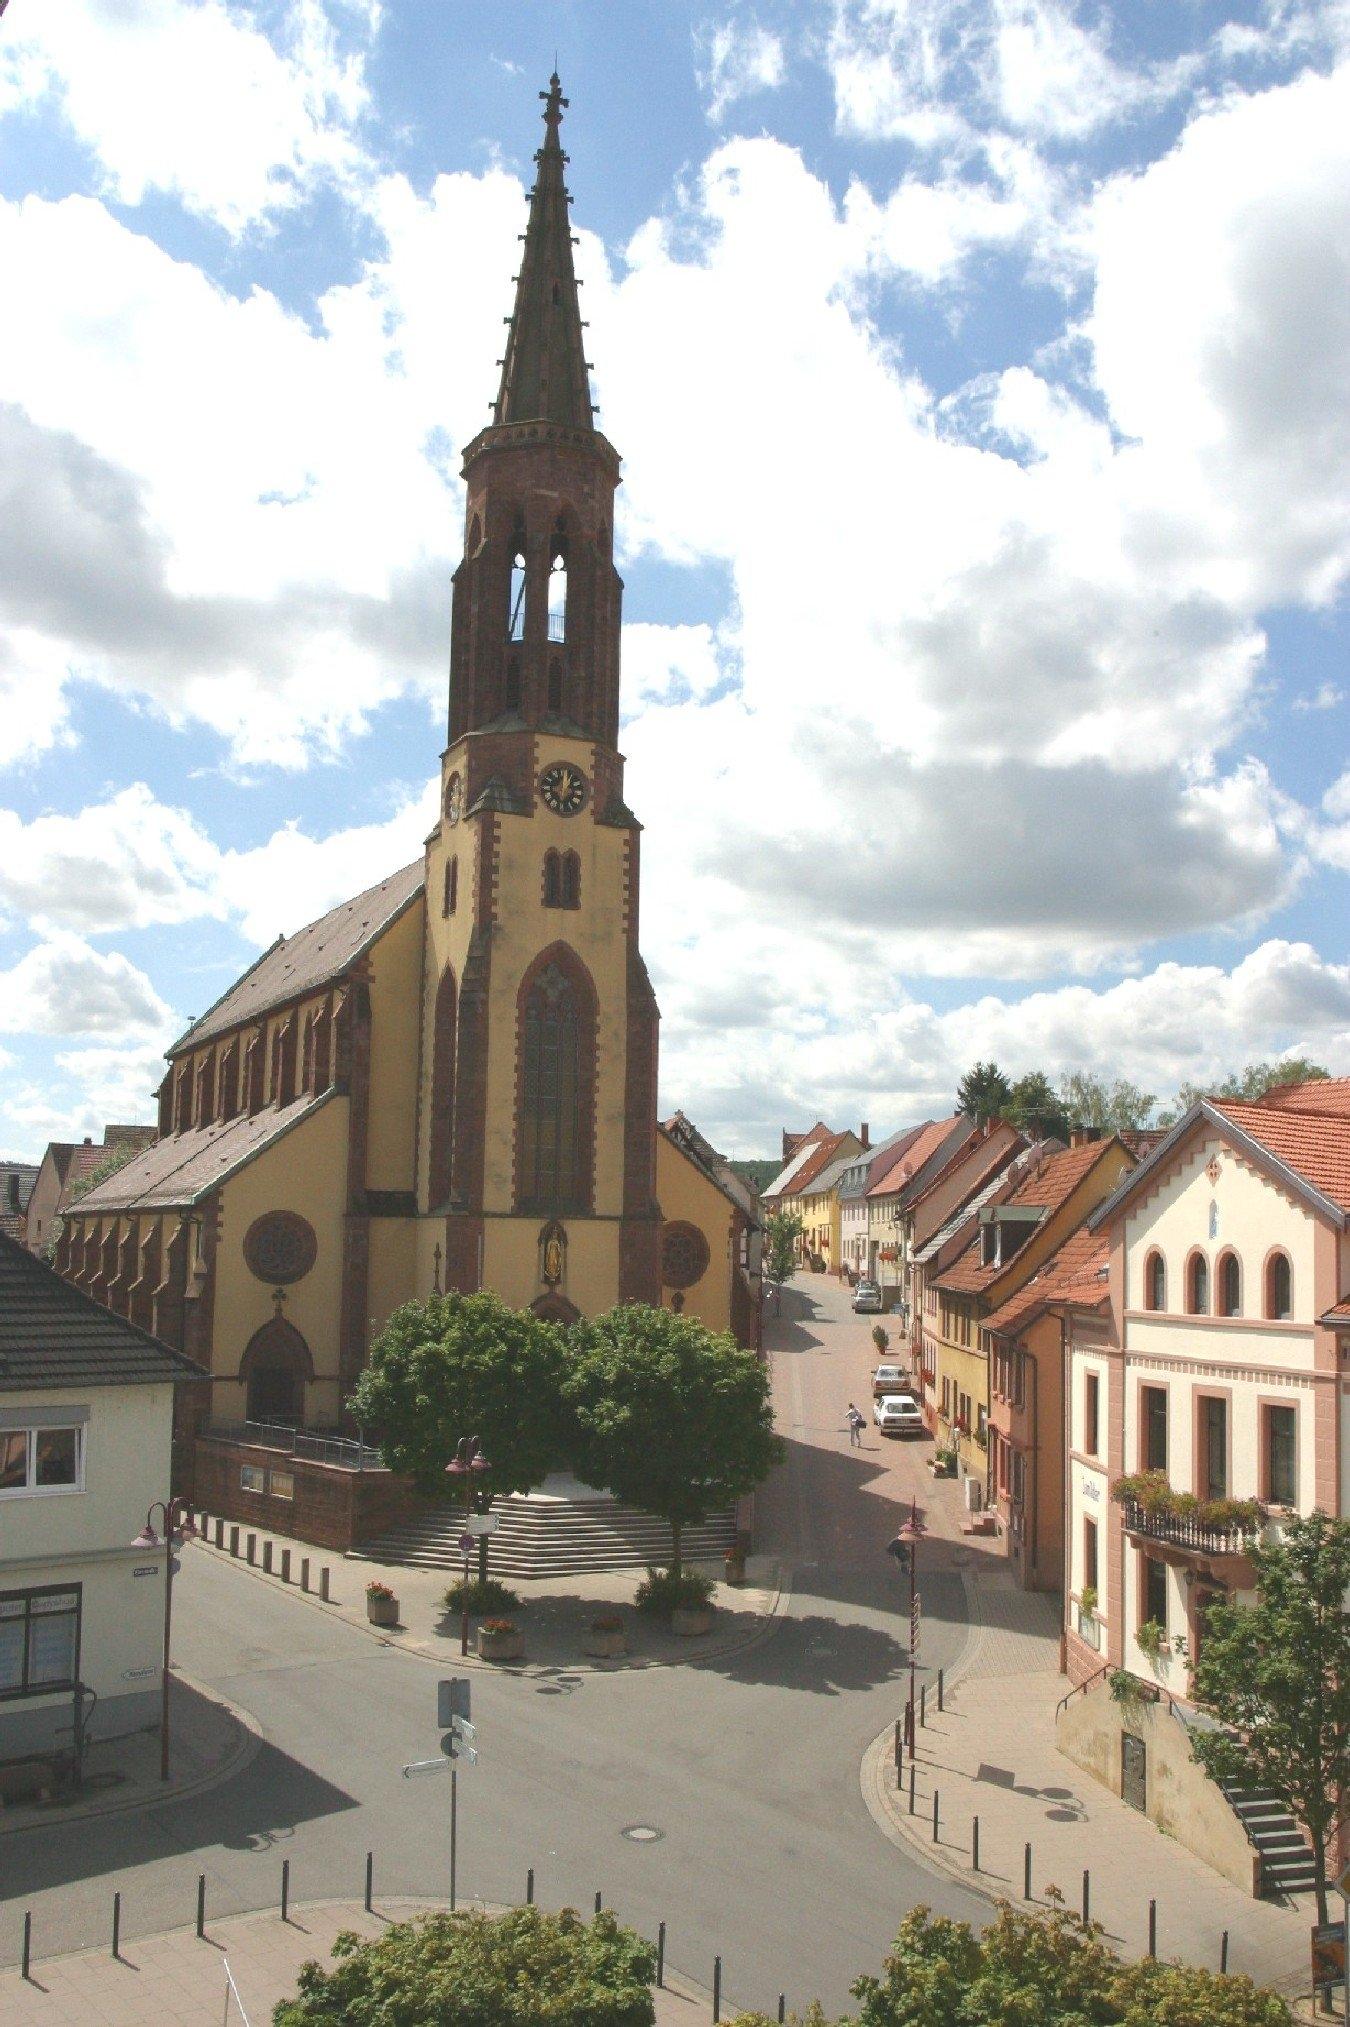 Waibstadt